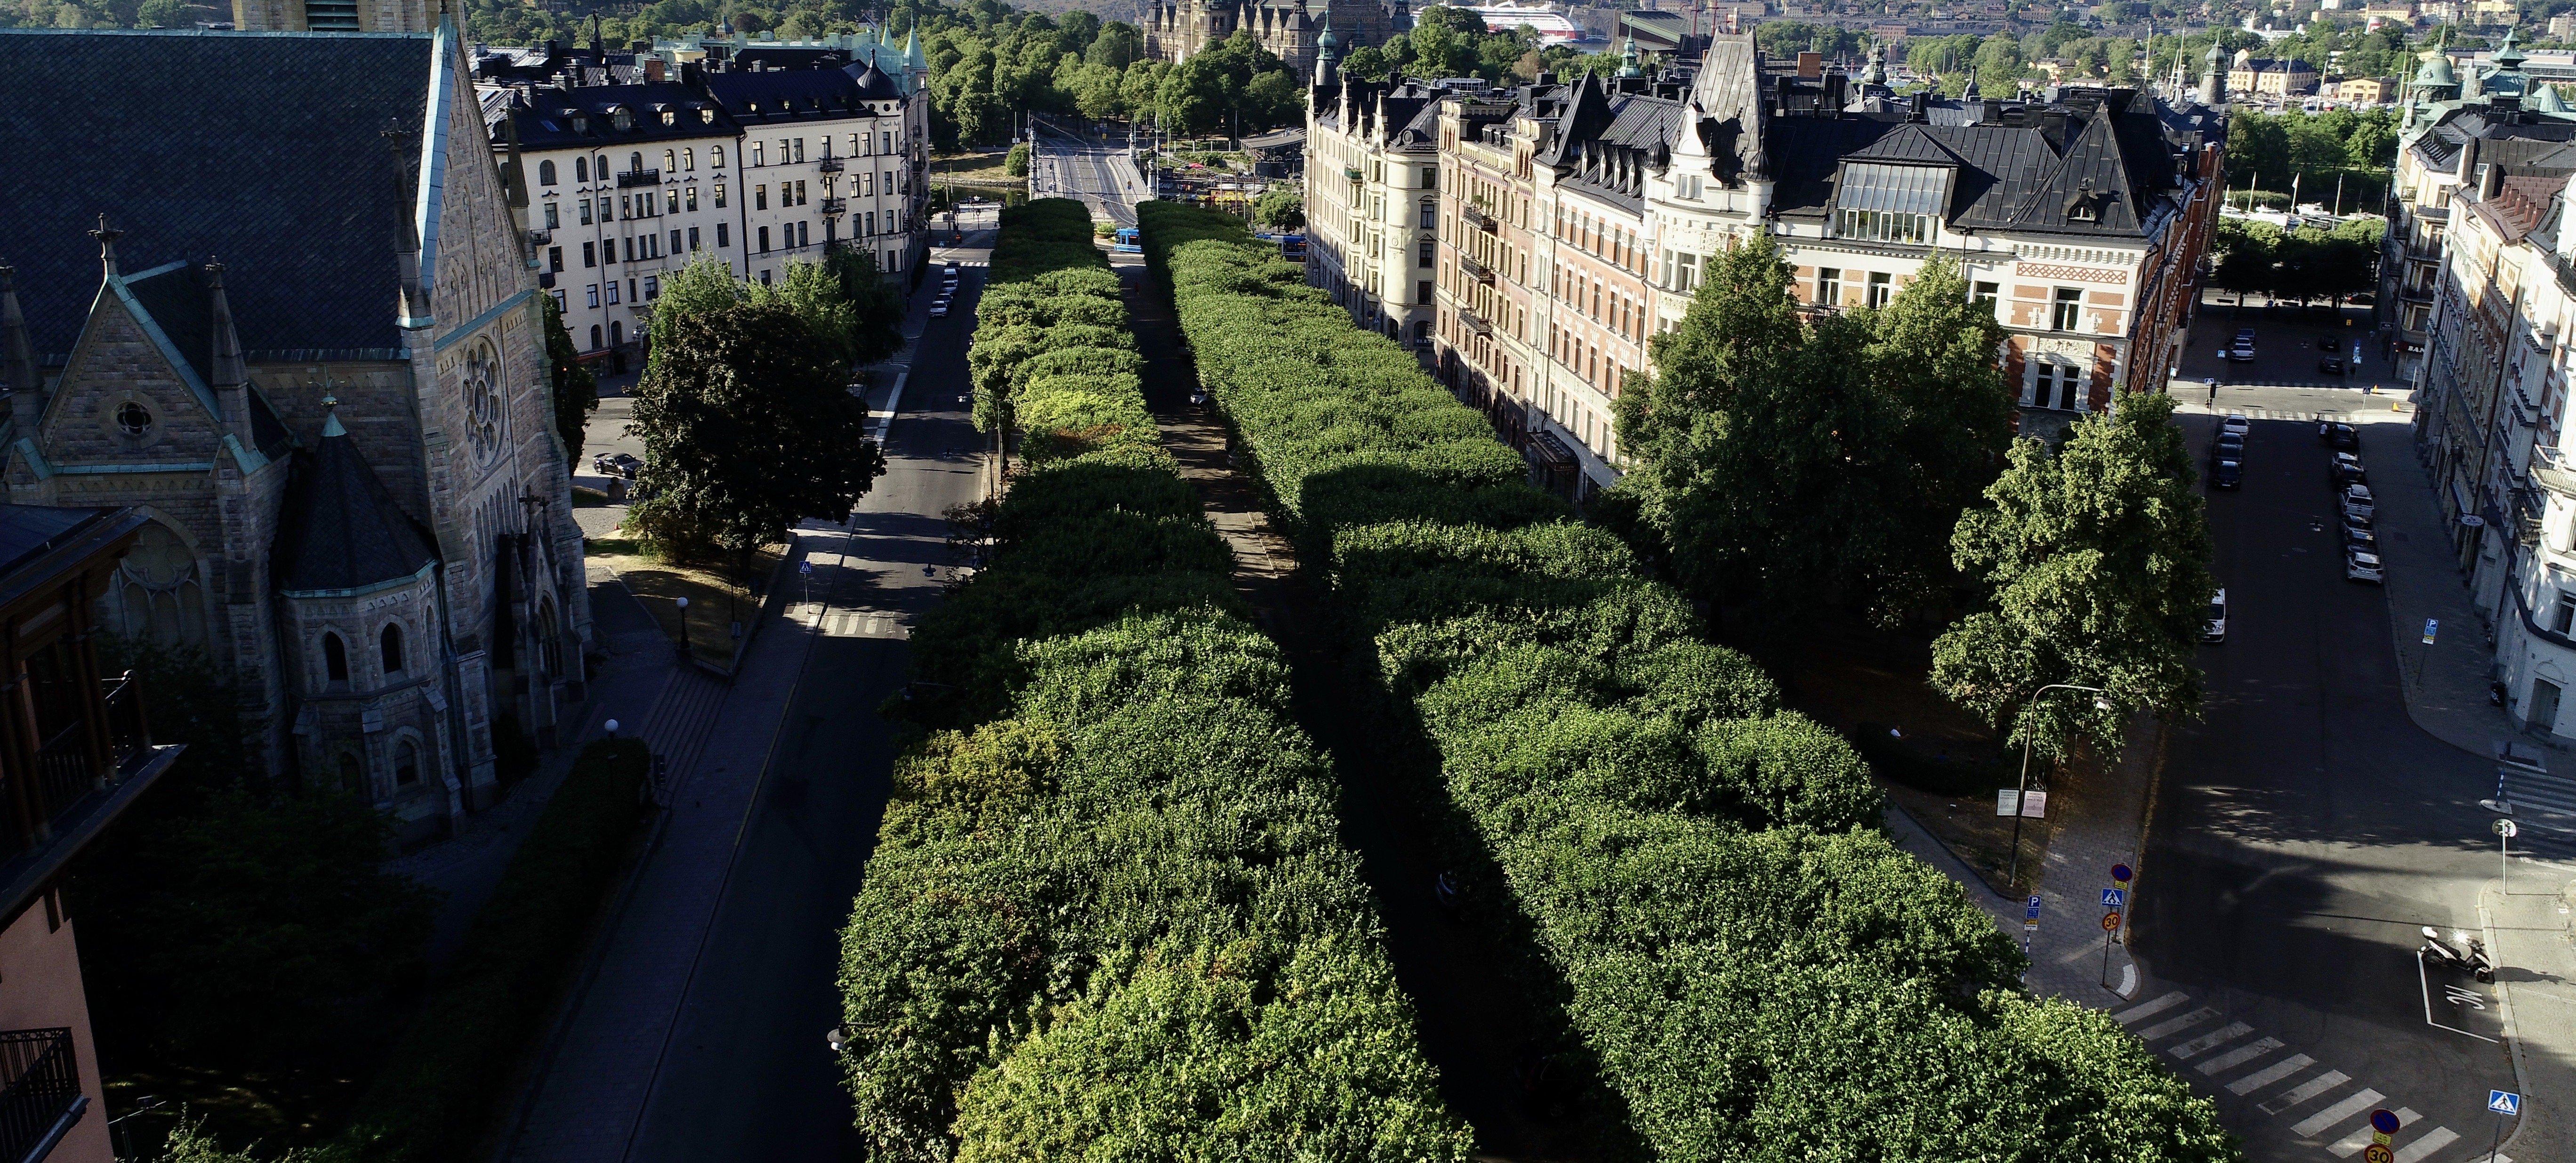 Narvavägen, Stockholm - @karlaplan - karlaplan.com